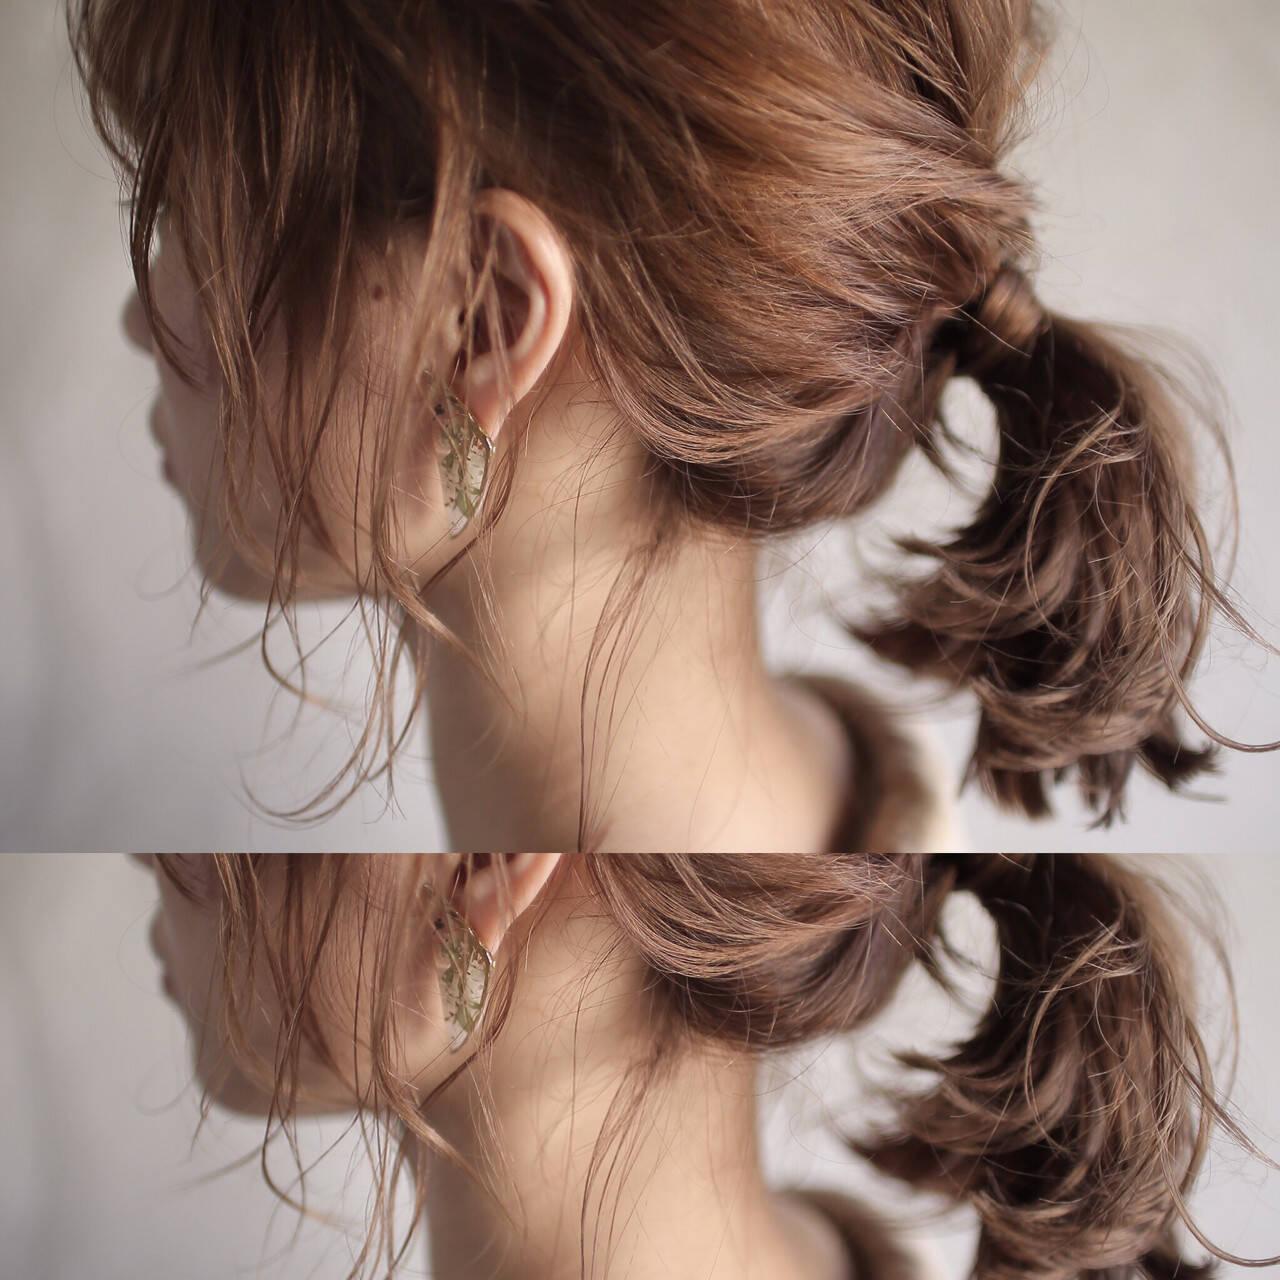 ヘアアレンジ ナチュラル ゆるふわ アンニュイヘアスタイルや髪型の写真・画像